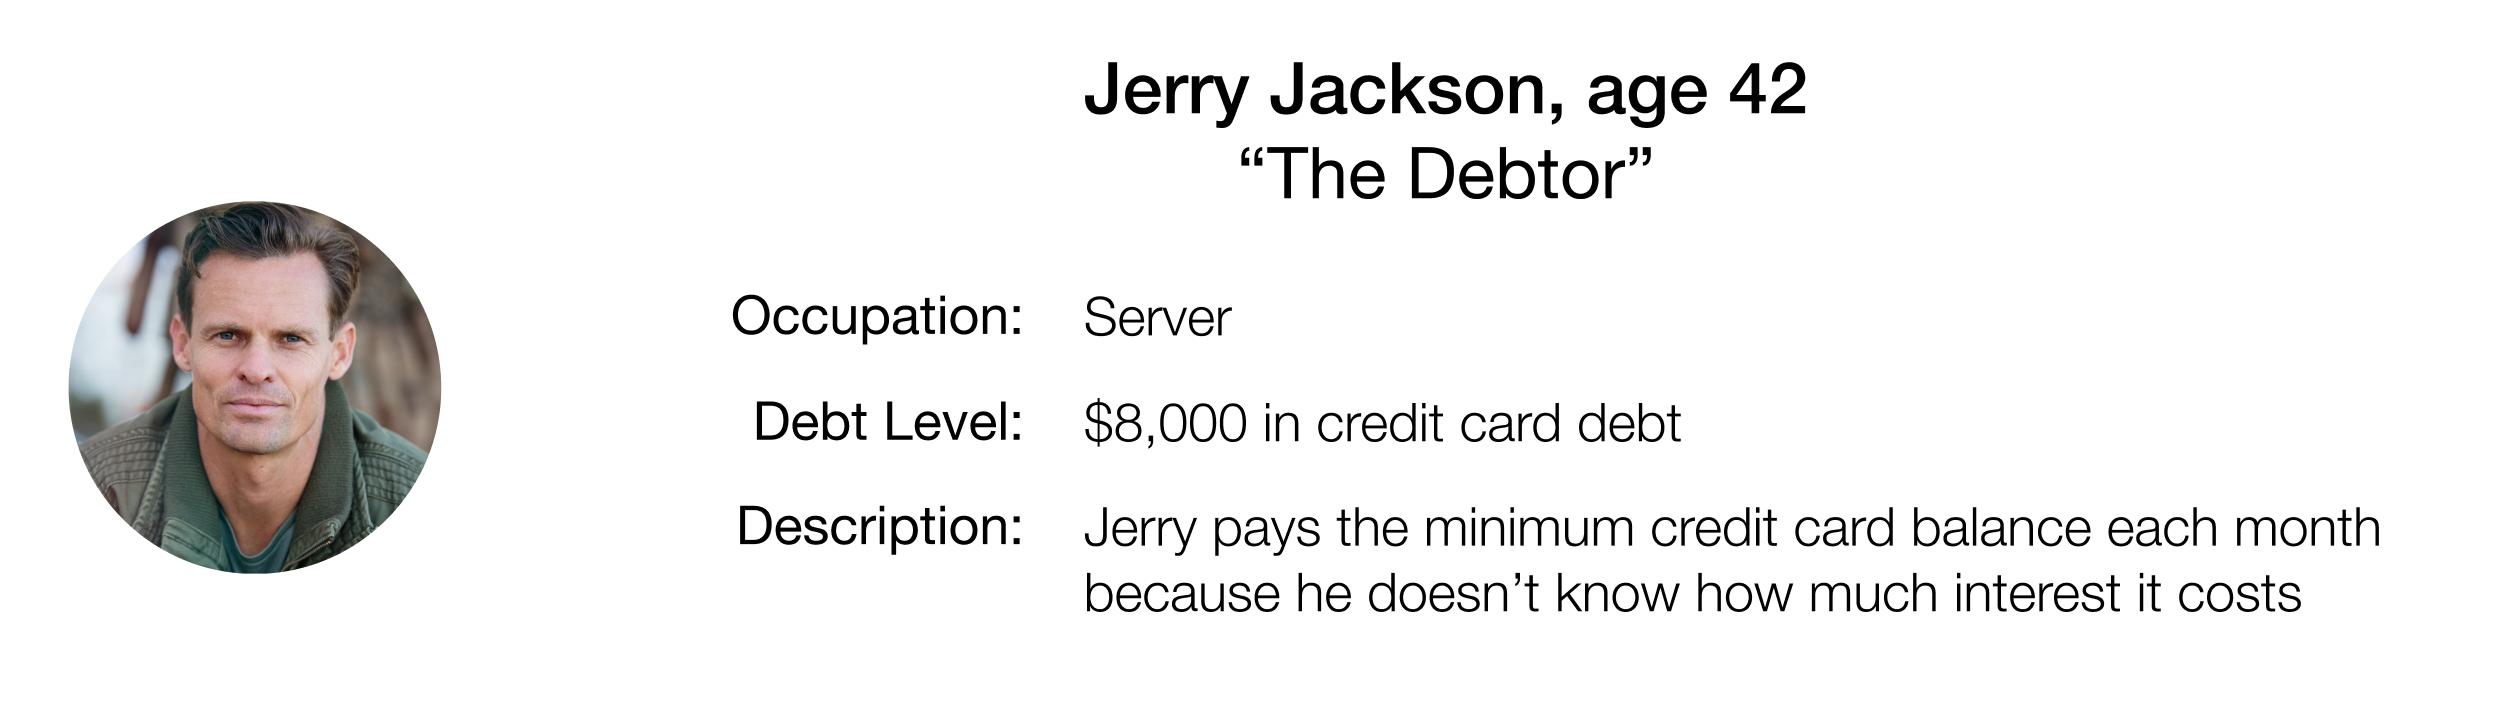 1.2 debt persona.jpg